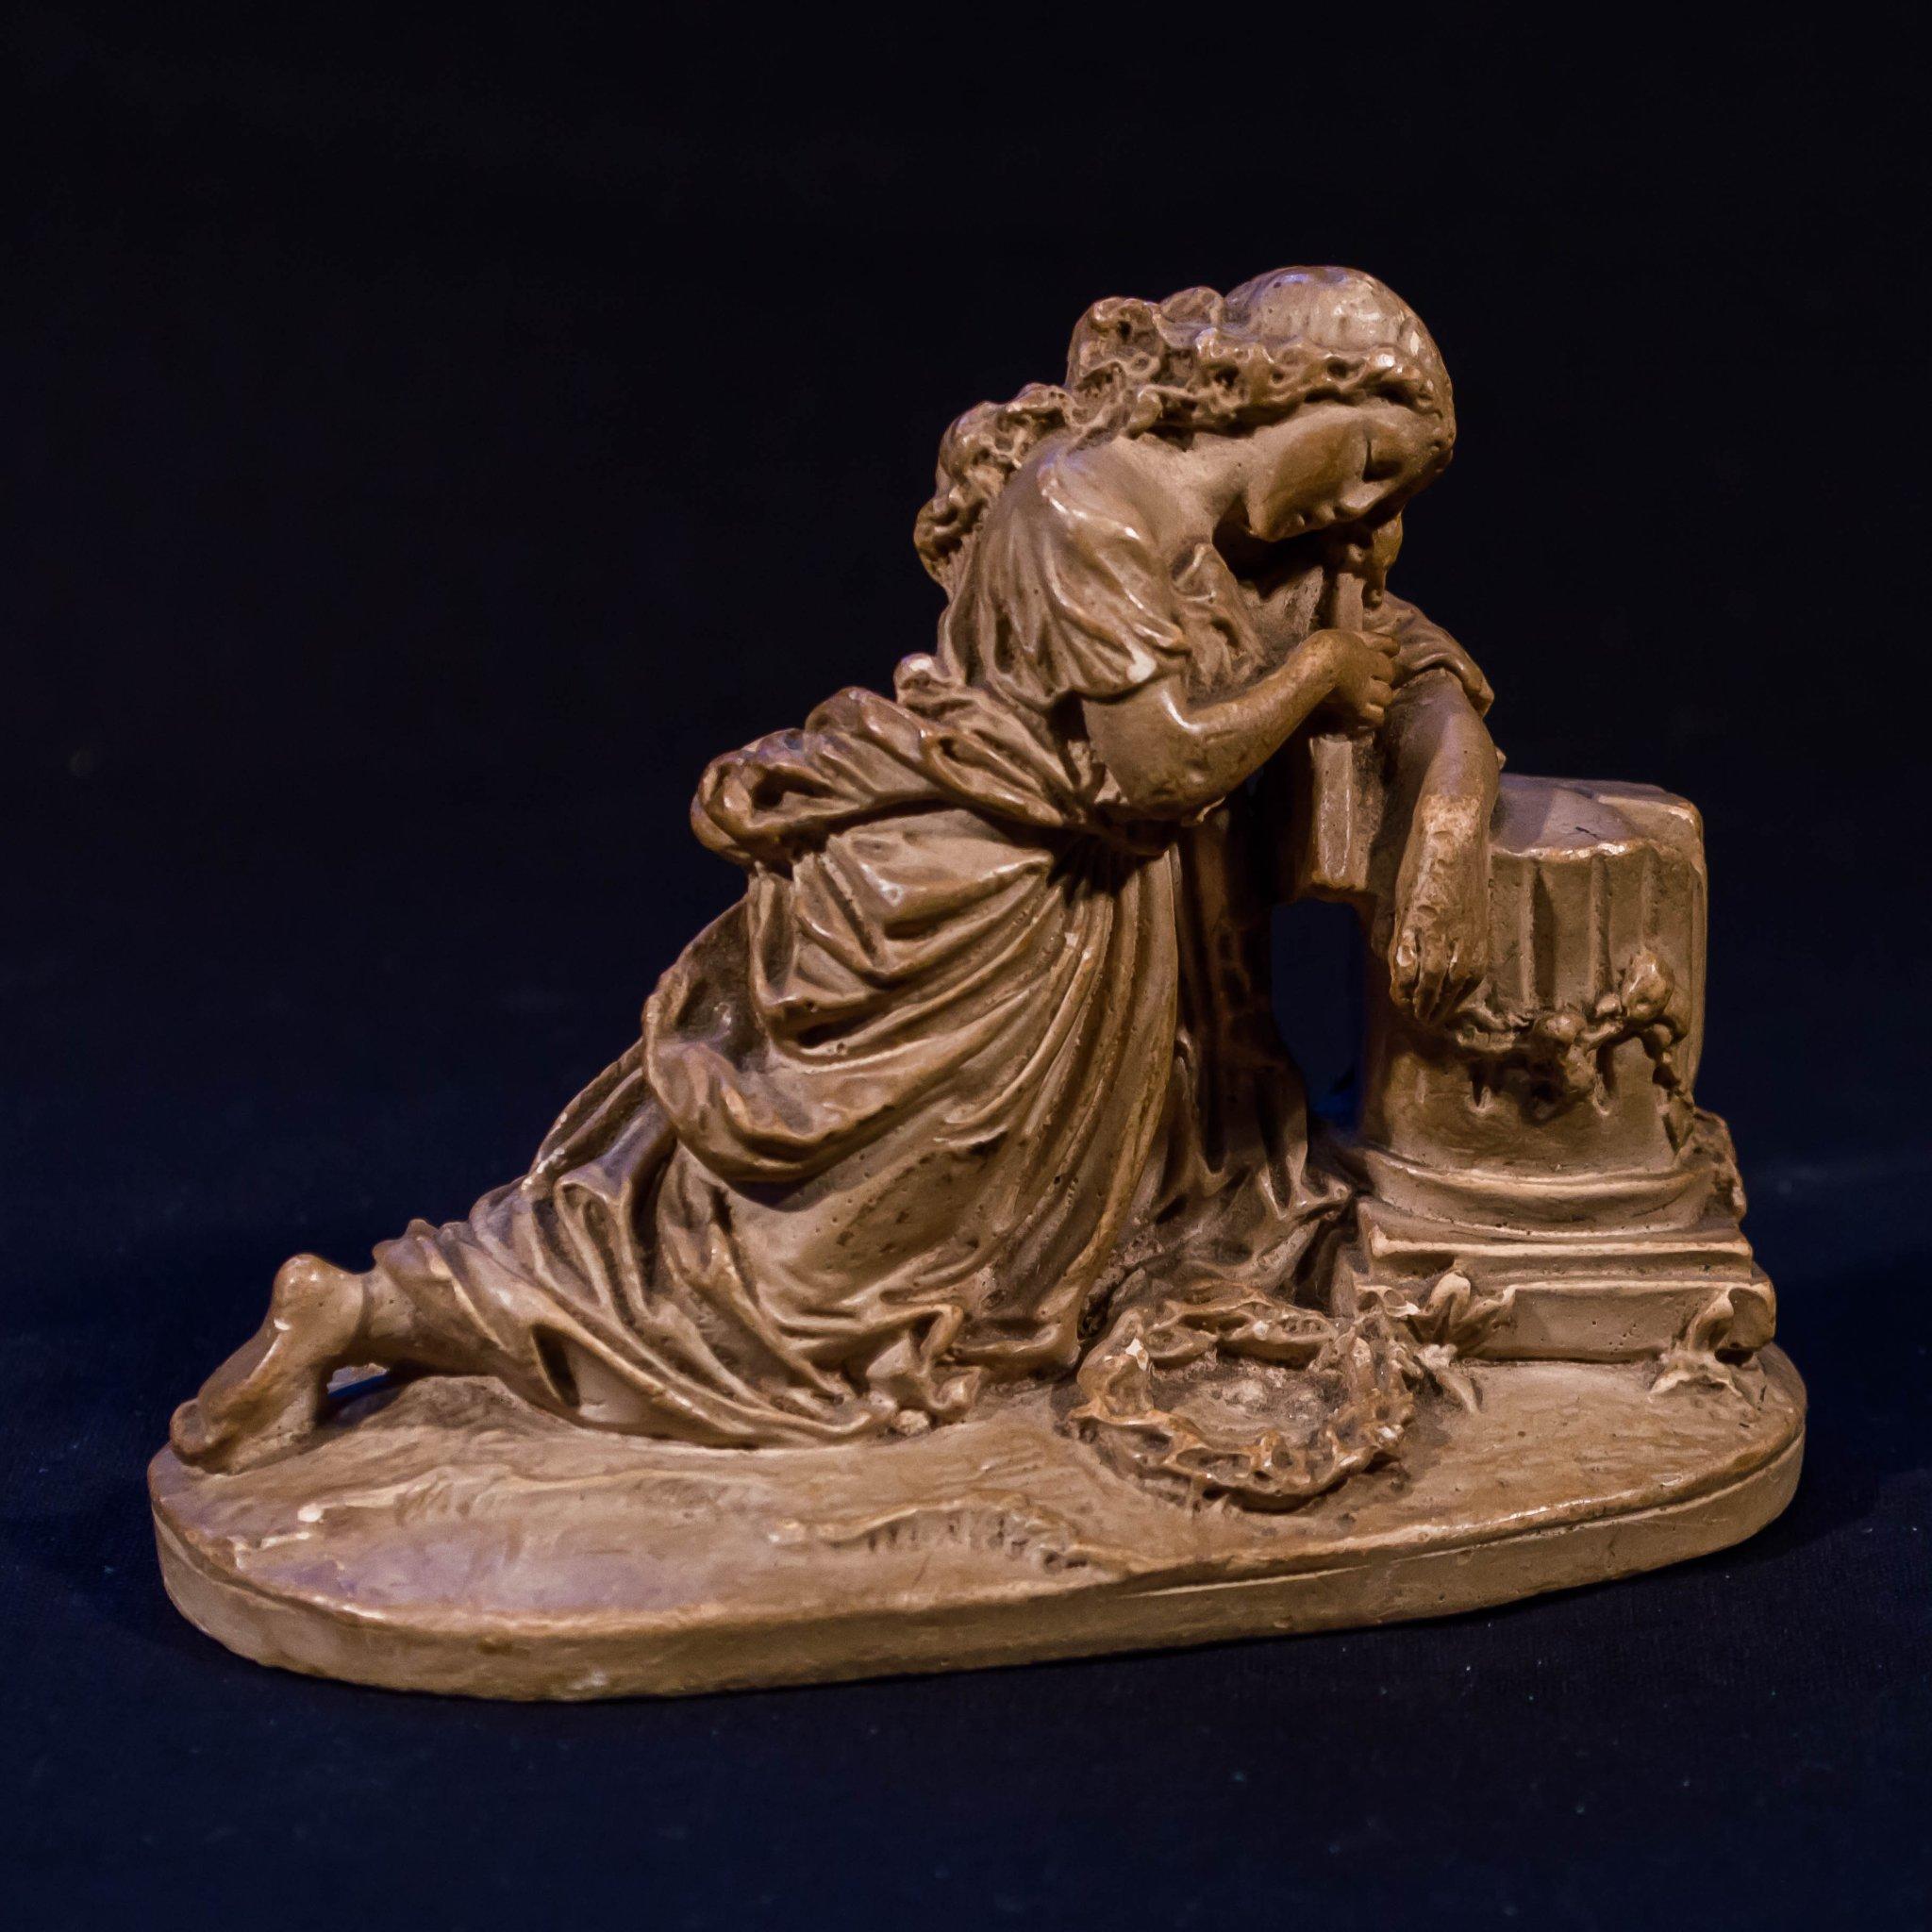 Skulptur Figurin Gips Klassisk Stil Allegori 424492437 ᐈ Kop Pa Tradera